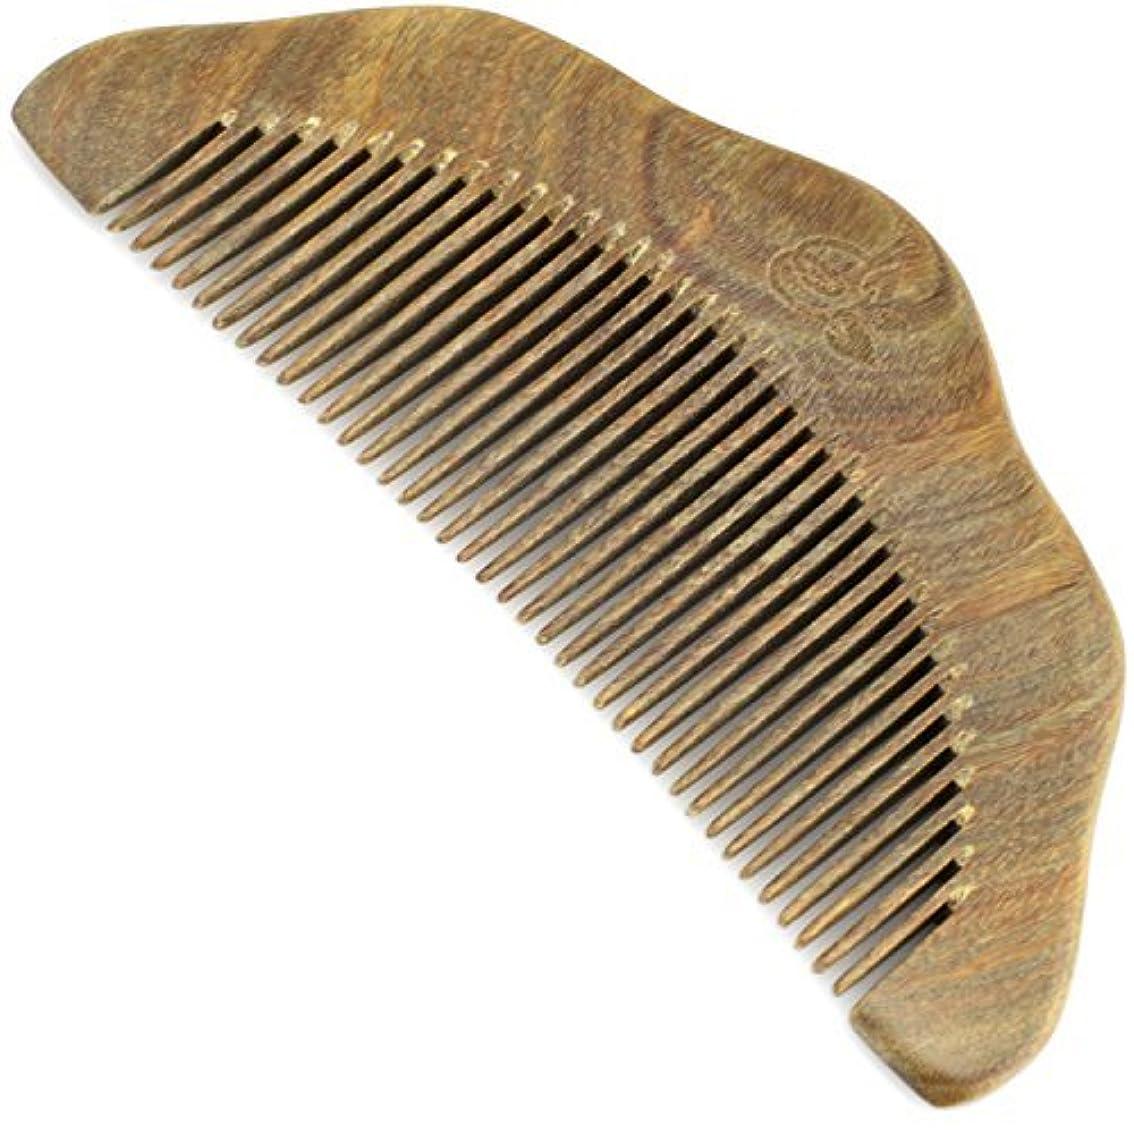 特殊エゴイズム本質的ではないEvolatree Wood Comb for Hair - Handmade Natural Wooden Combs with Anti-static & No Snag - Smoothing Vanity Comb...